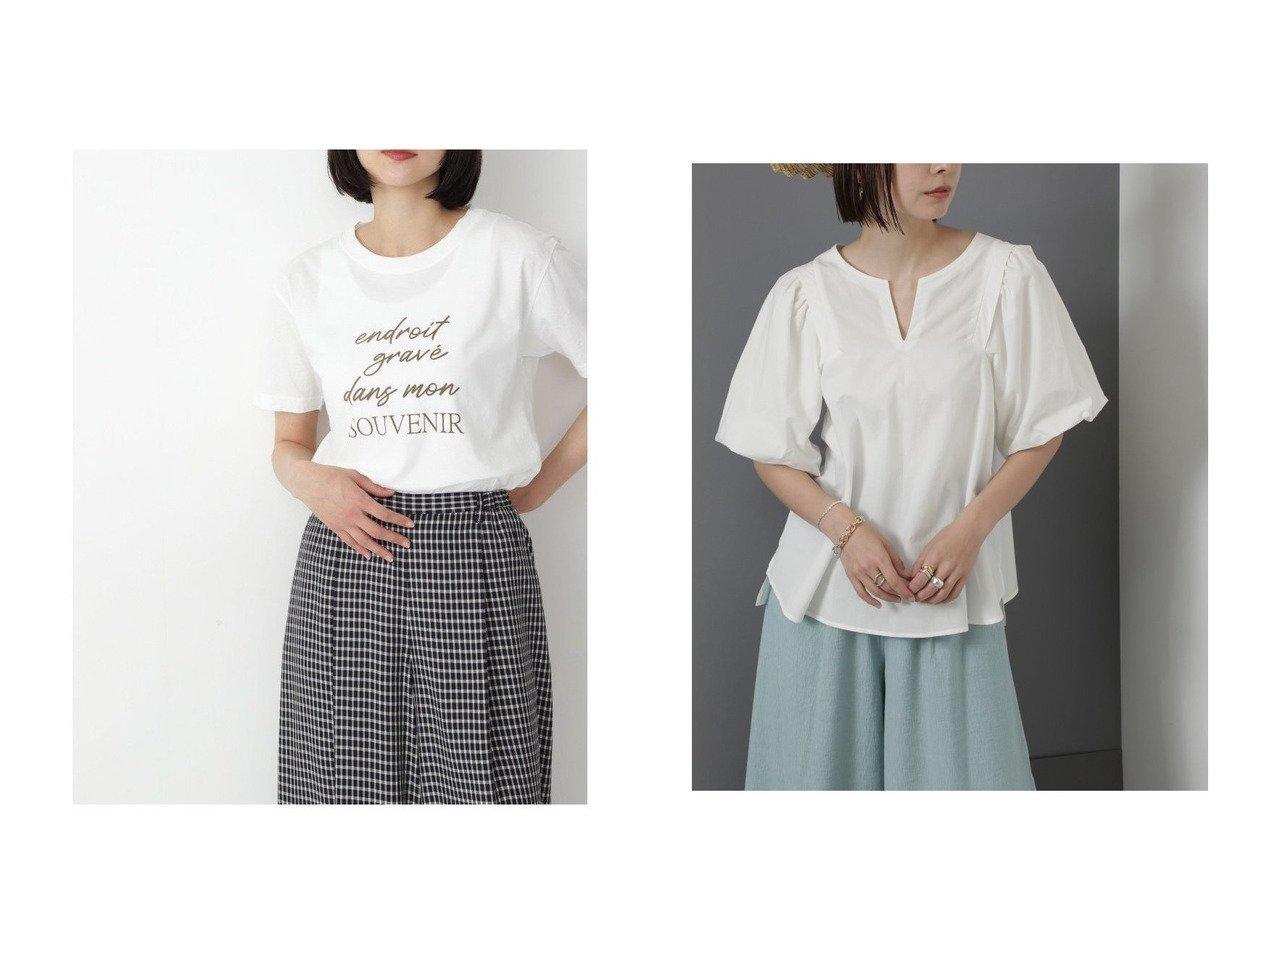 【HUMAN WOMAN/ヒューマンウーマン】のロゴプリントTシャツ&【ROSE BUD/ローズバッド】の袖ボリュームブラウス 【トップス・カットソー】おすすめ!人気、トレンド・レディースファッションの通販  おすすめで人気の流行・トレンド、ファッションの通販商品 インテリア・家具・メンズファッション・キッズファッション・レディースファッション・服の通販 founy(ファニー) https://founy.com/ ファッション Fashion レディースファッション WOMEN トップス・カットソー Tops/Tshirt シャツ/ブラウス Shirts/Blouses ロング / Tシャツ T-Shirts カットソー Cut and Sewn カットソー プリント ベーシック 夏 Summer スキッパー スリーブ トレンド ボトム 吸水 洗える |ID:crp329100000062401